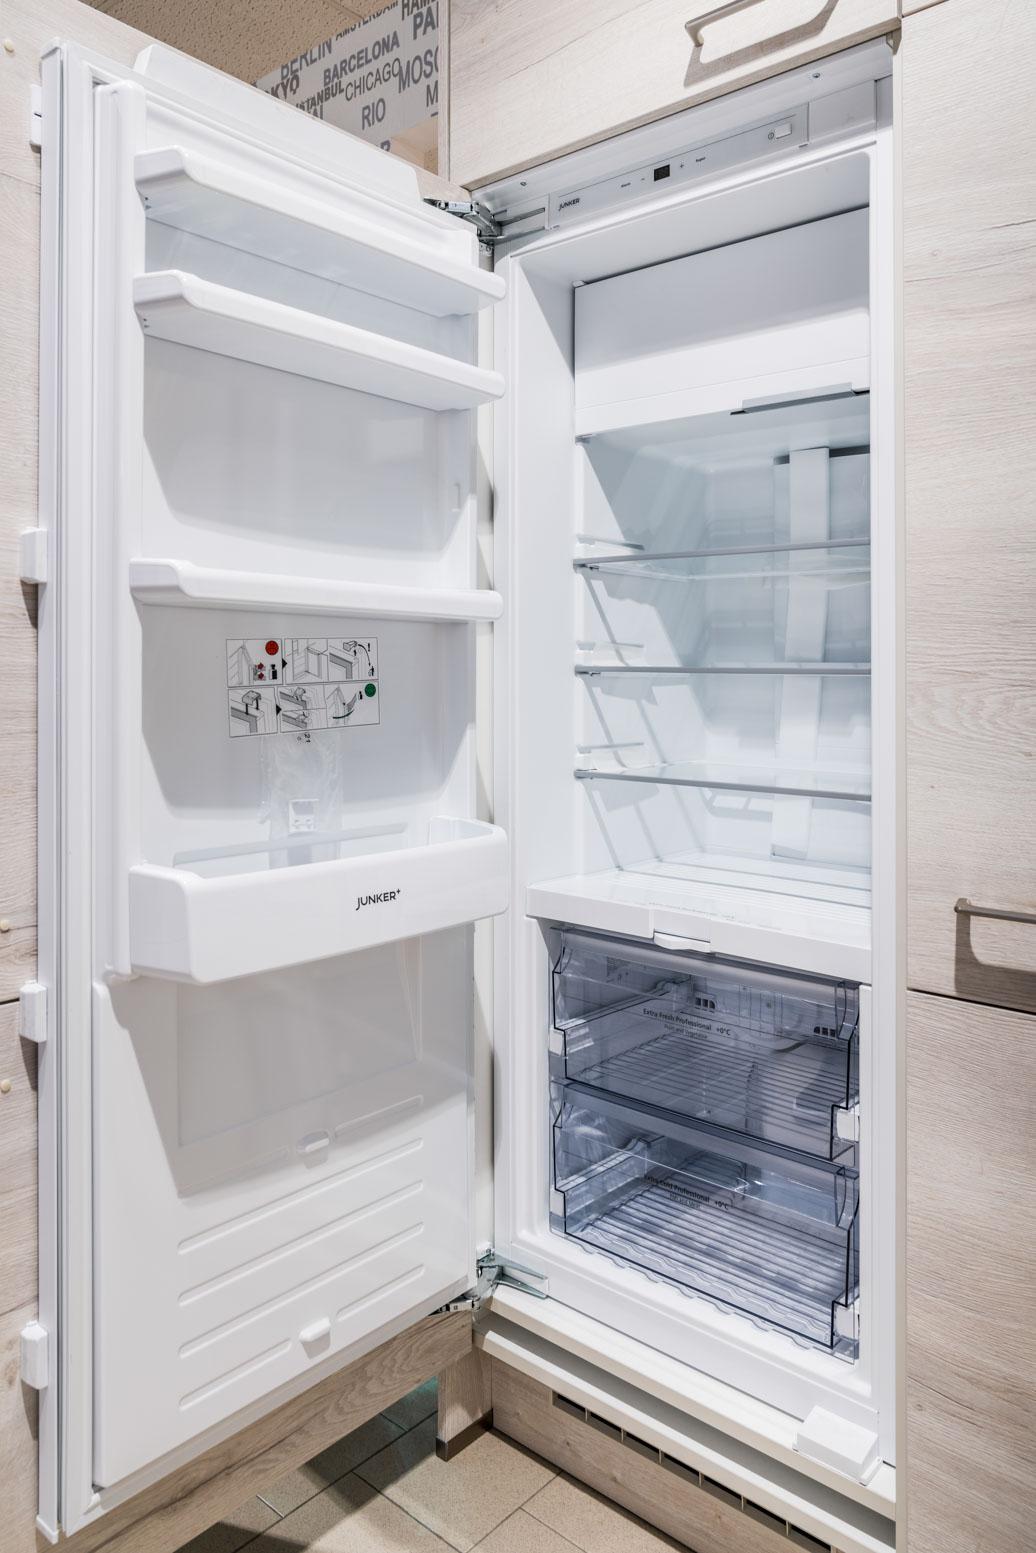 Weisser Küchenstudio Showroom geöffnteter Kühlschrank